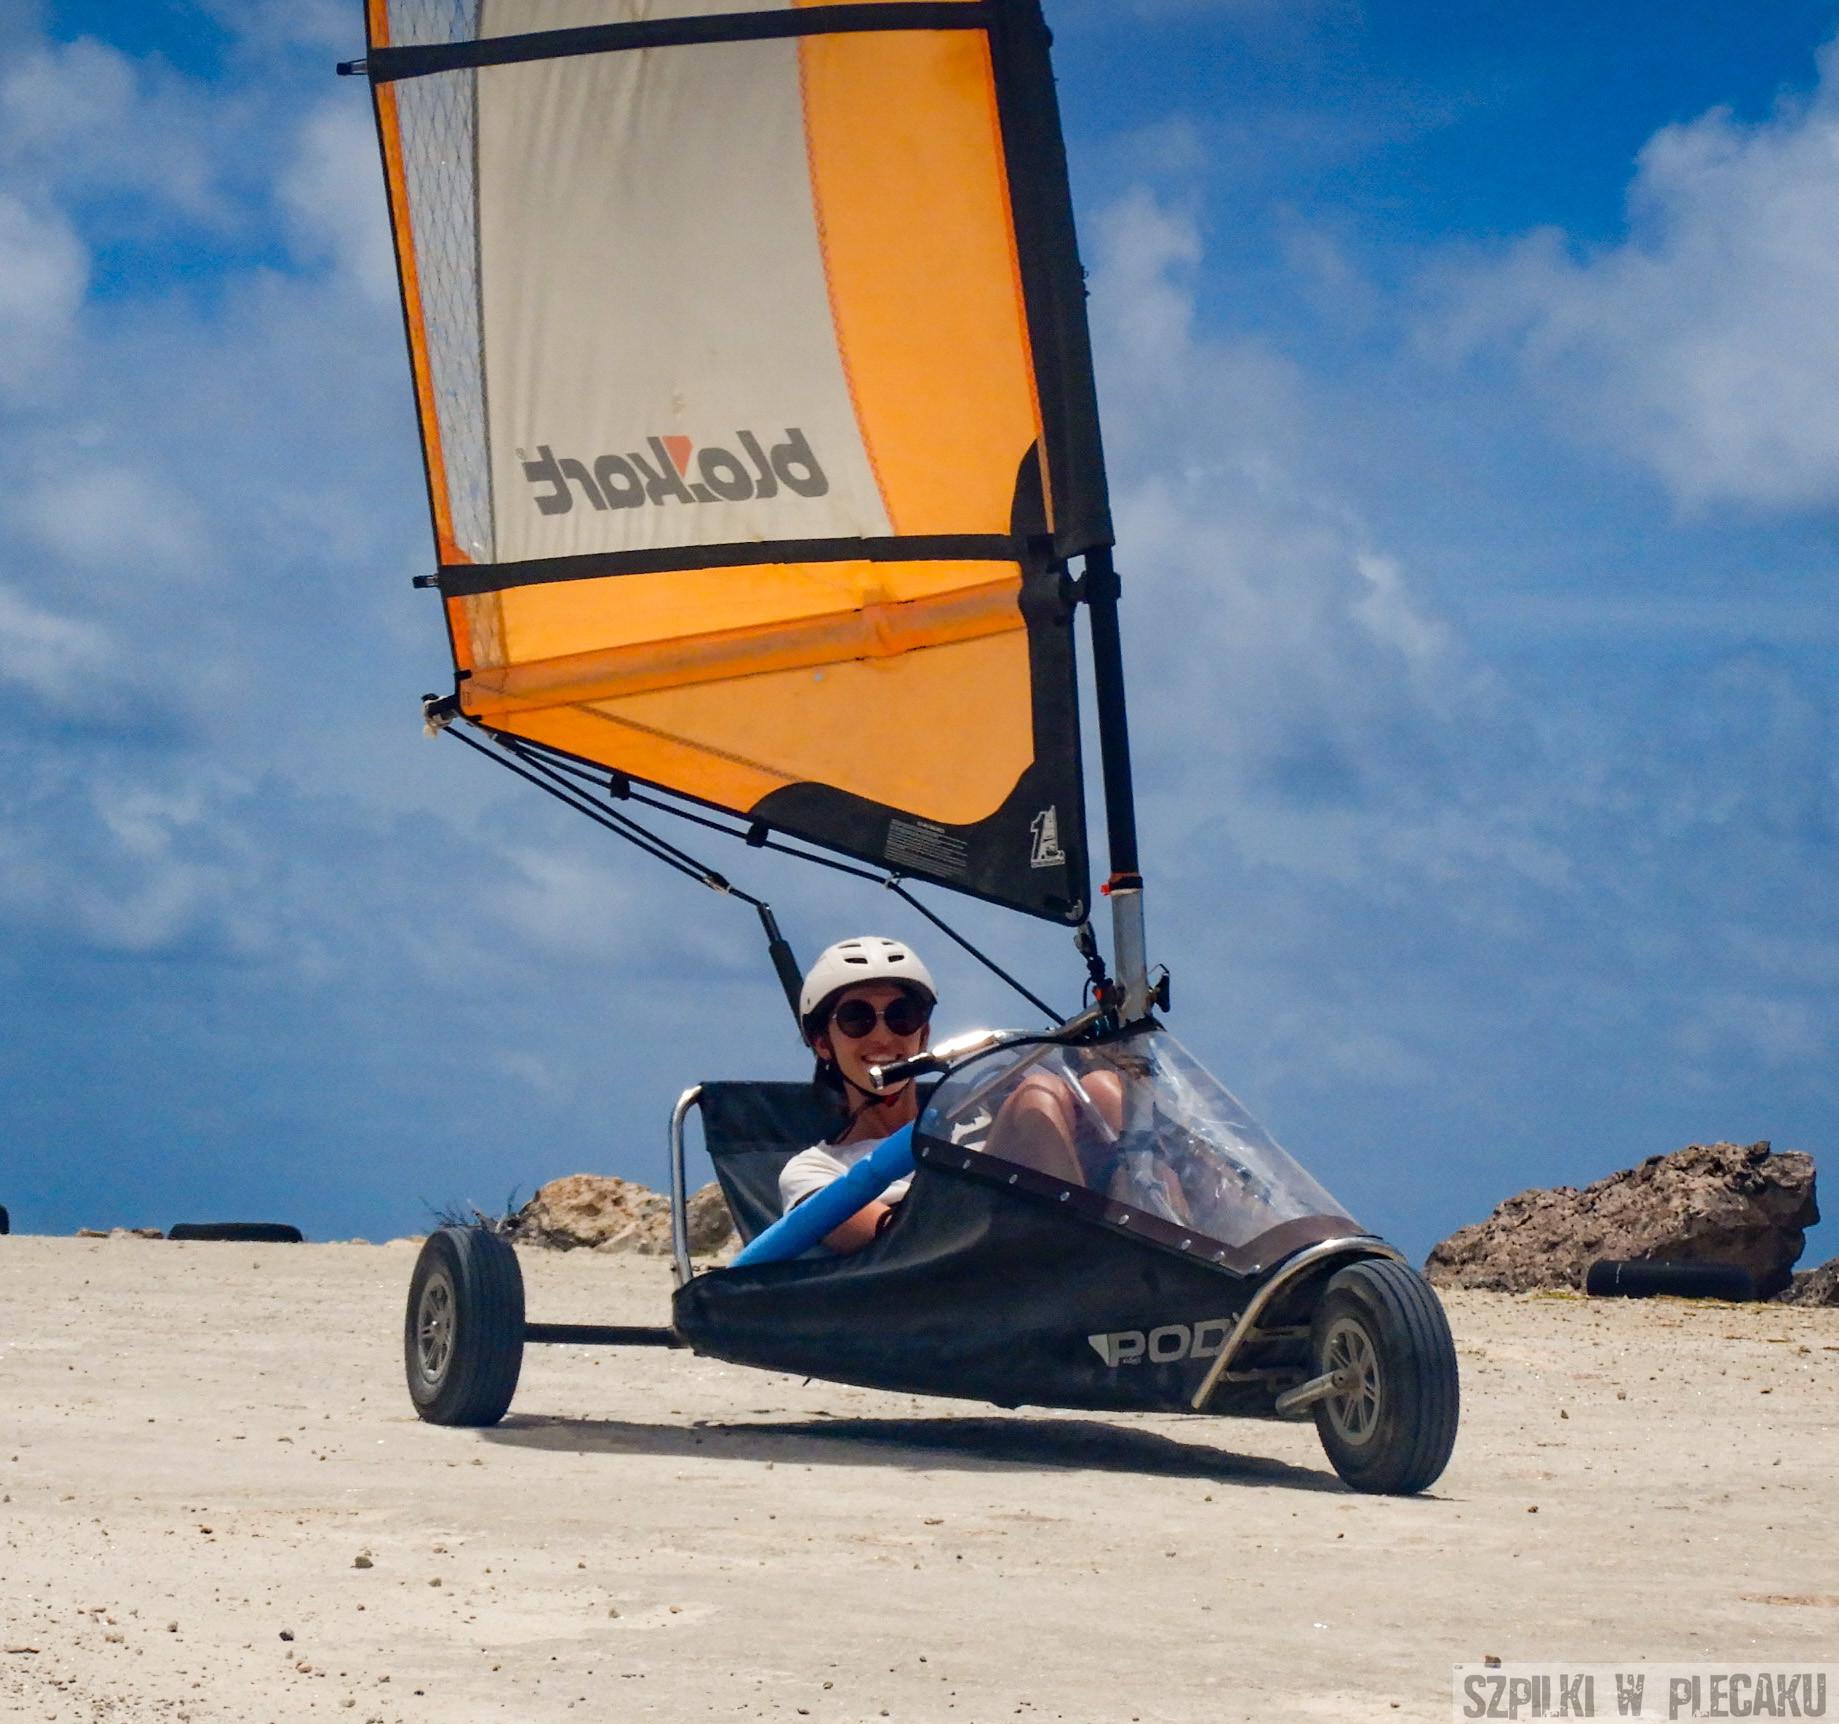 landsailing - Bonaire - Szpilki w plecaku